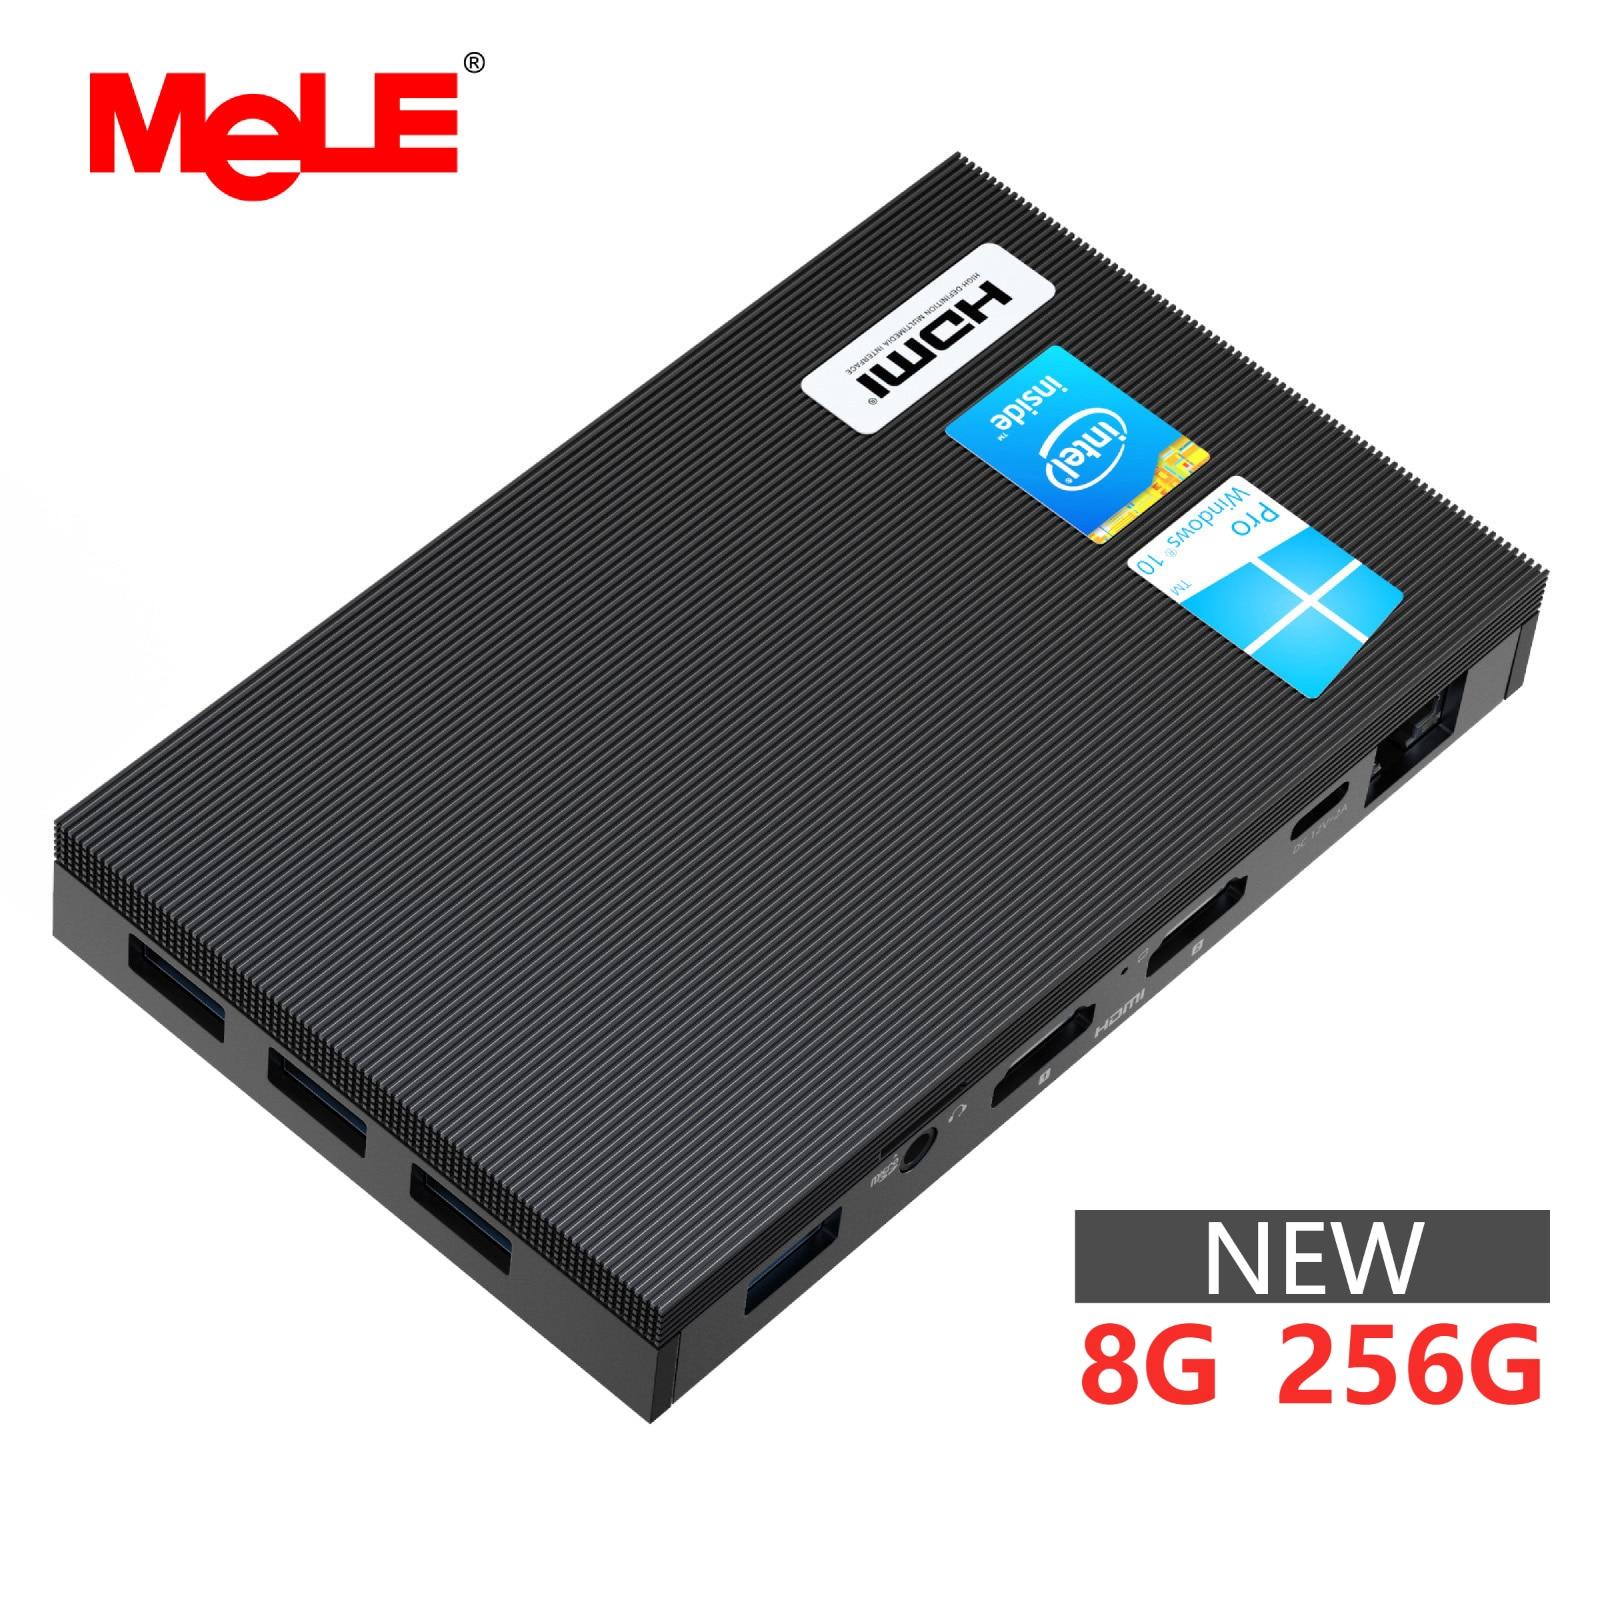 MeLE بدون مروحة 4K جهاز كمبيوتر صغير إنتل سيليرون J4125 رباعية النواة 8GB 256GB ويندوز 10 كمبيوتر مكتبي مزدوج HDMI 2.4G/5G ثنائي النطاق واي فاي SSD